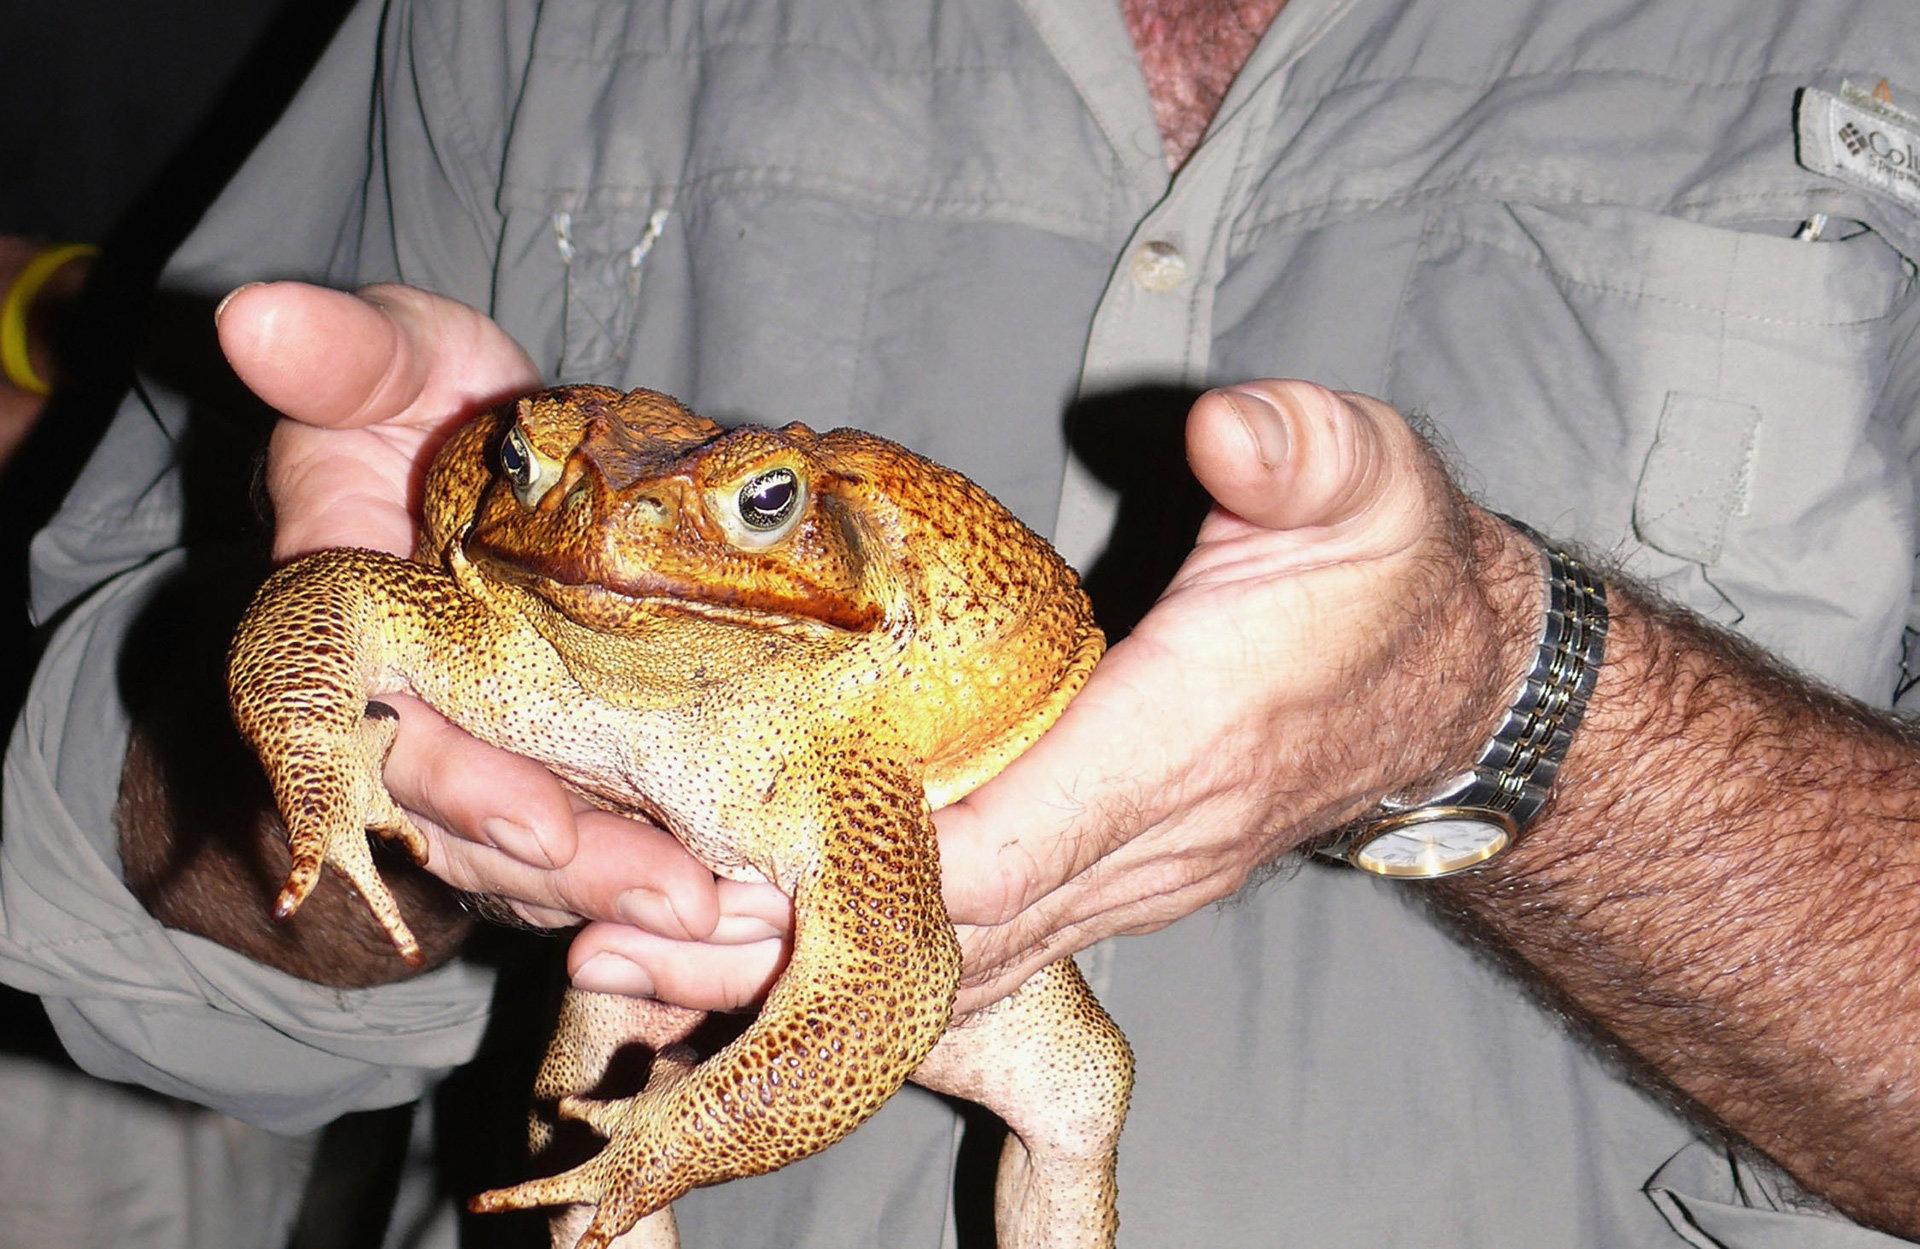 Kein Herz für Tiere: Der Aga-Kröte sind die Naturschützer in Australien ganz schön ans Leder gegangen